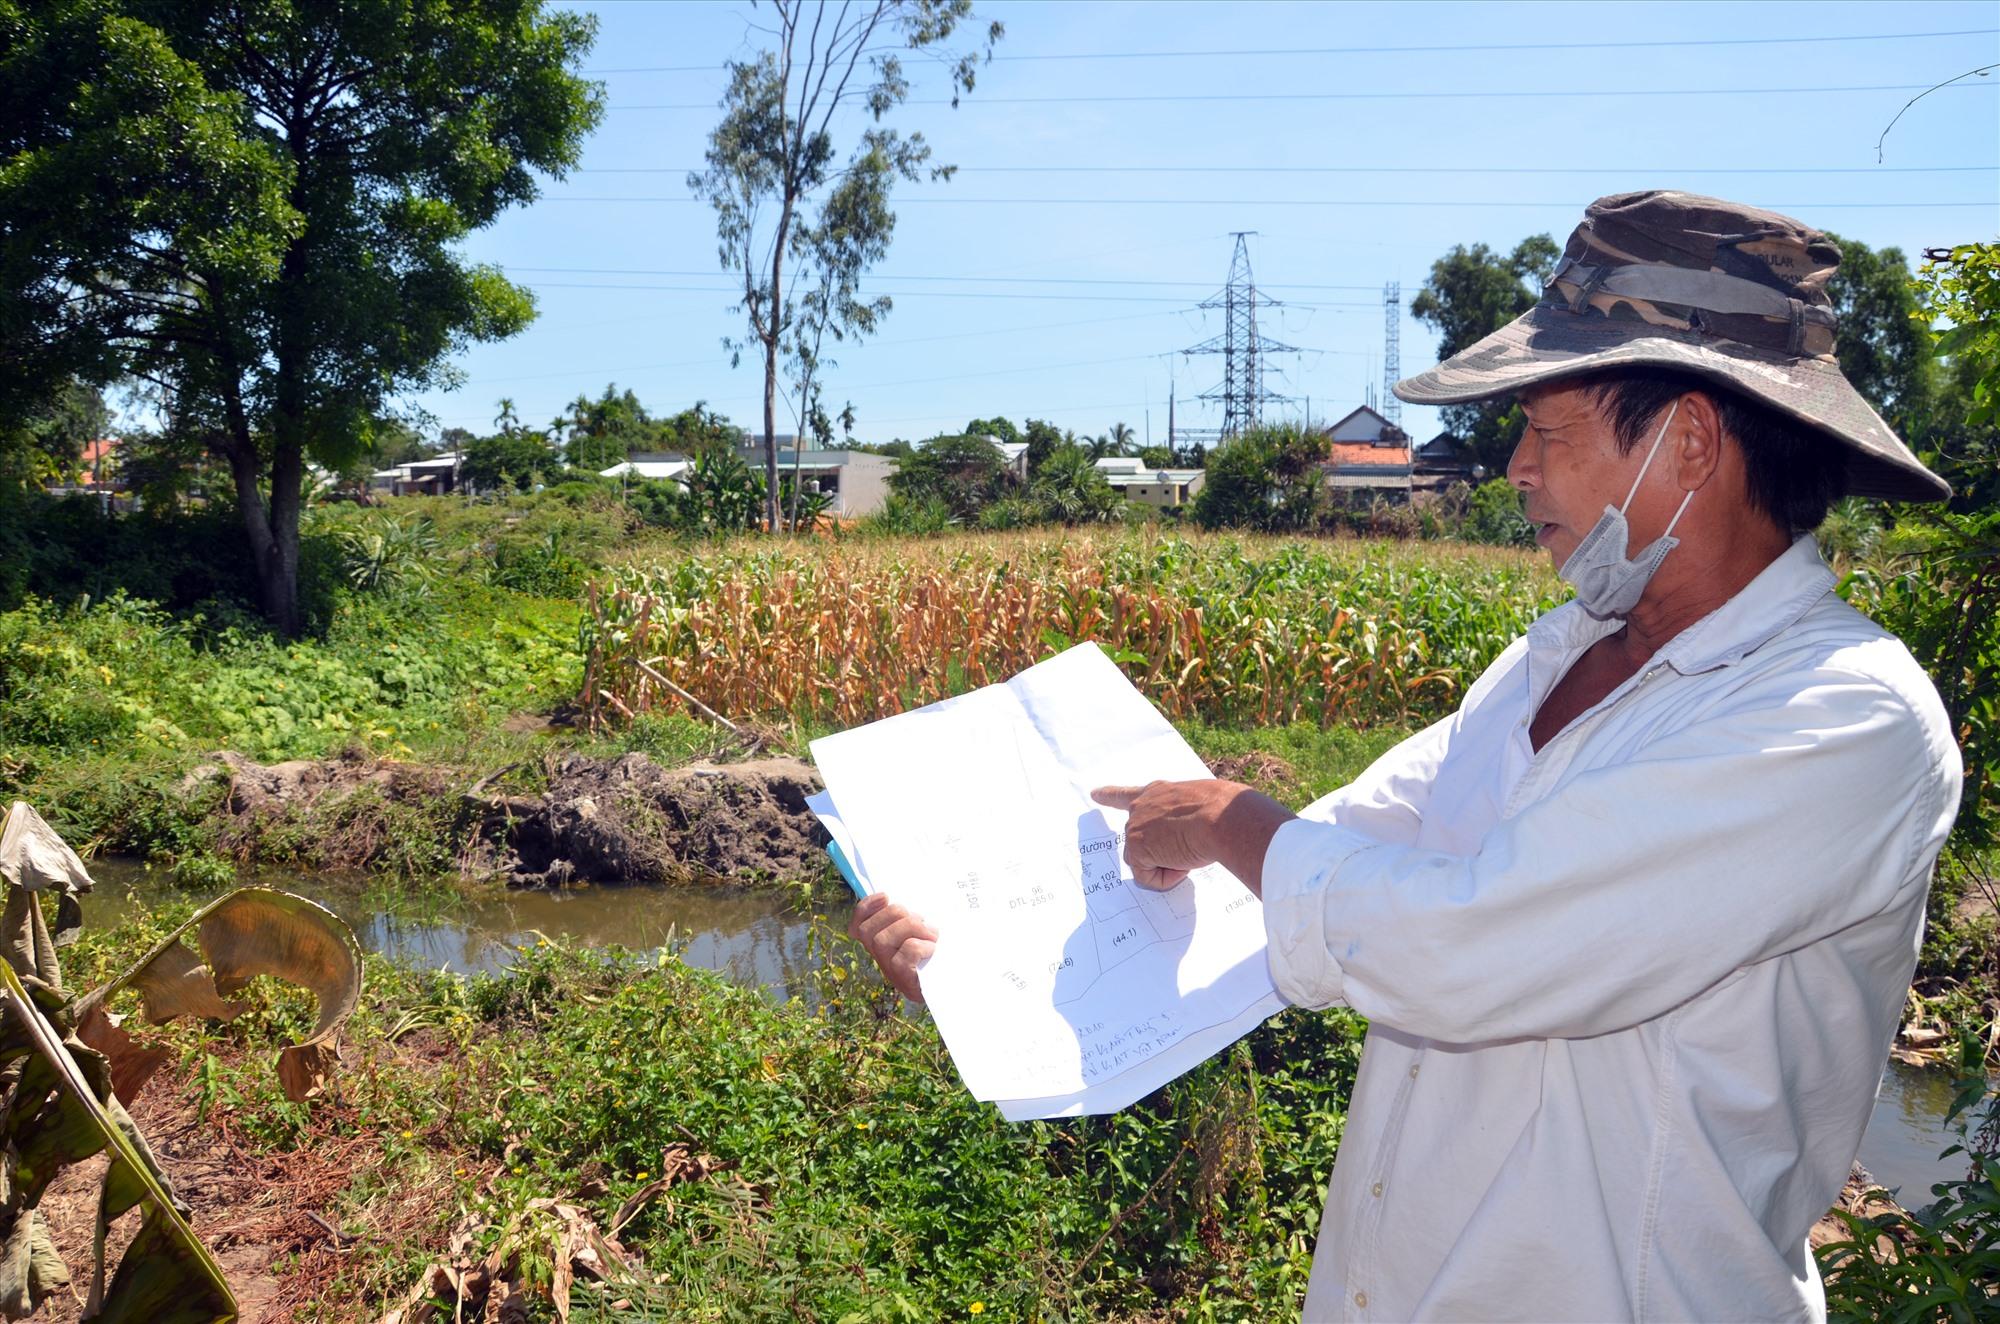 Ông Nguyễn Đính cho rằng, việc UBND phường đem xe đến san ủi mặt bằng, làm nước chảy vào ruộng gây hư hại cây trồng. Ảnh: T.H